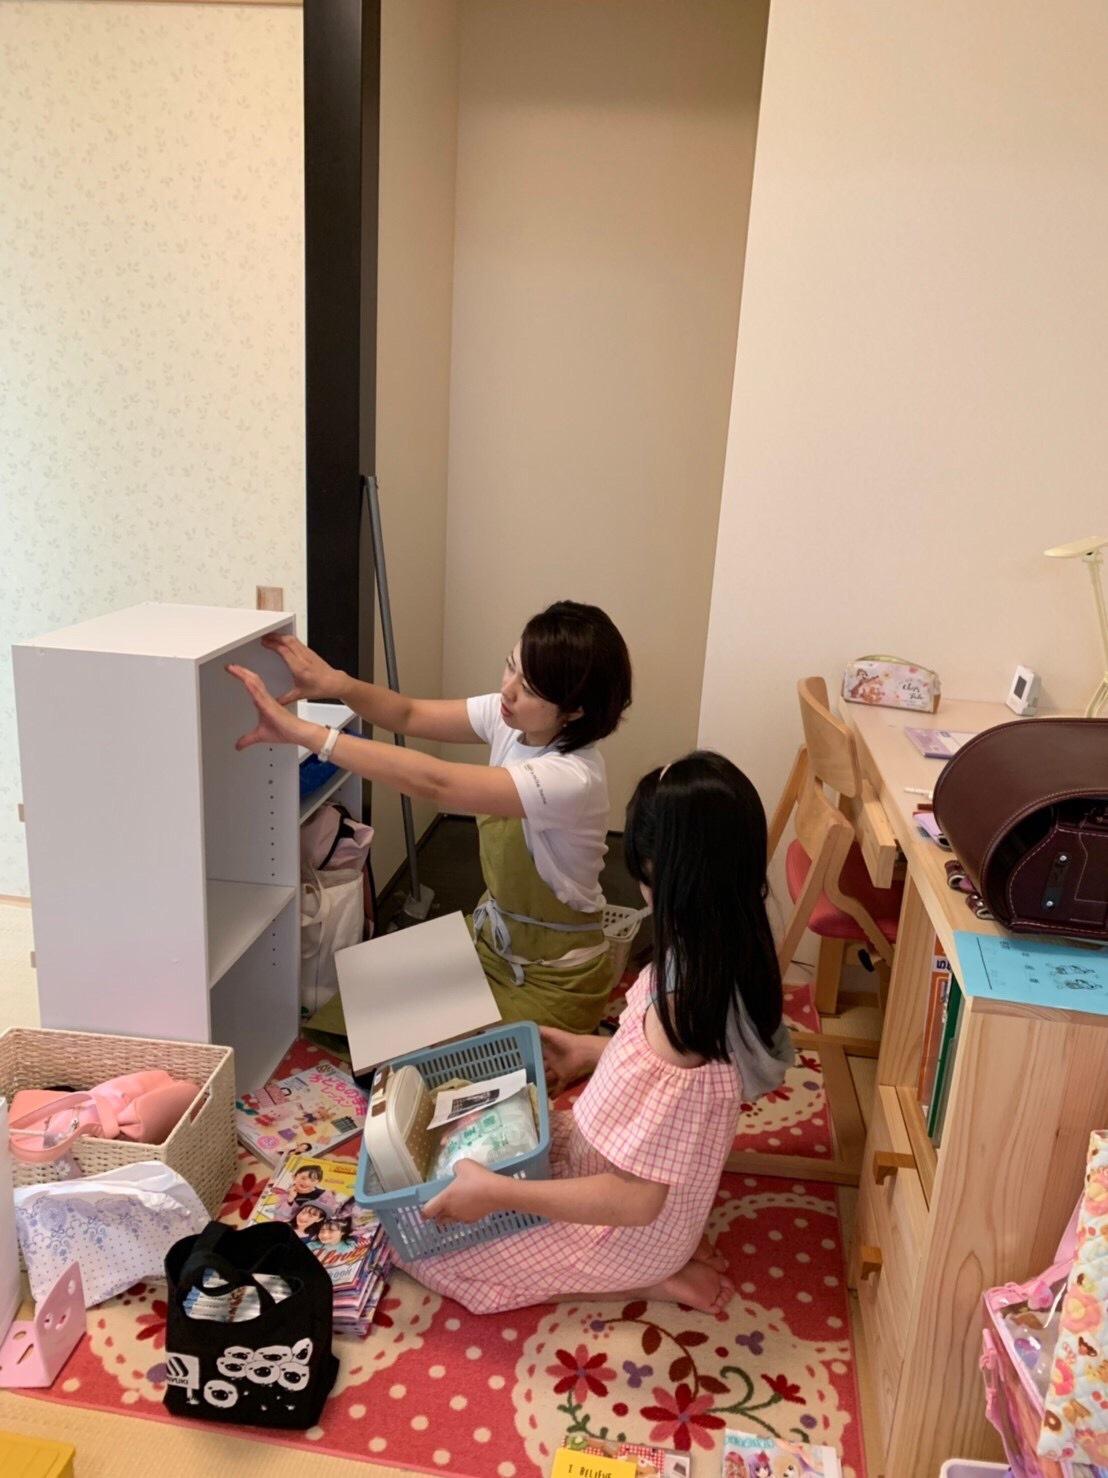 【実作業サービス】お子さんの持っている力を引き出す_e0303386_17361645.jpg